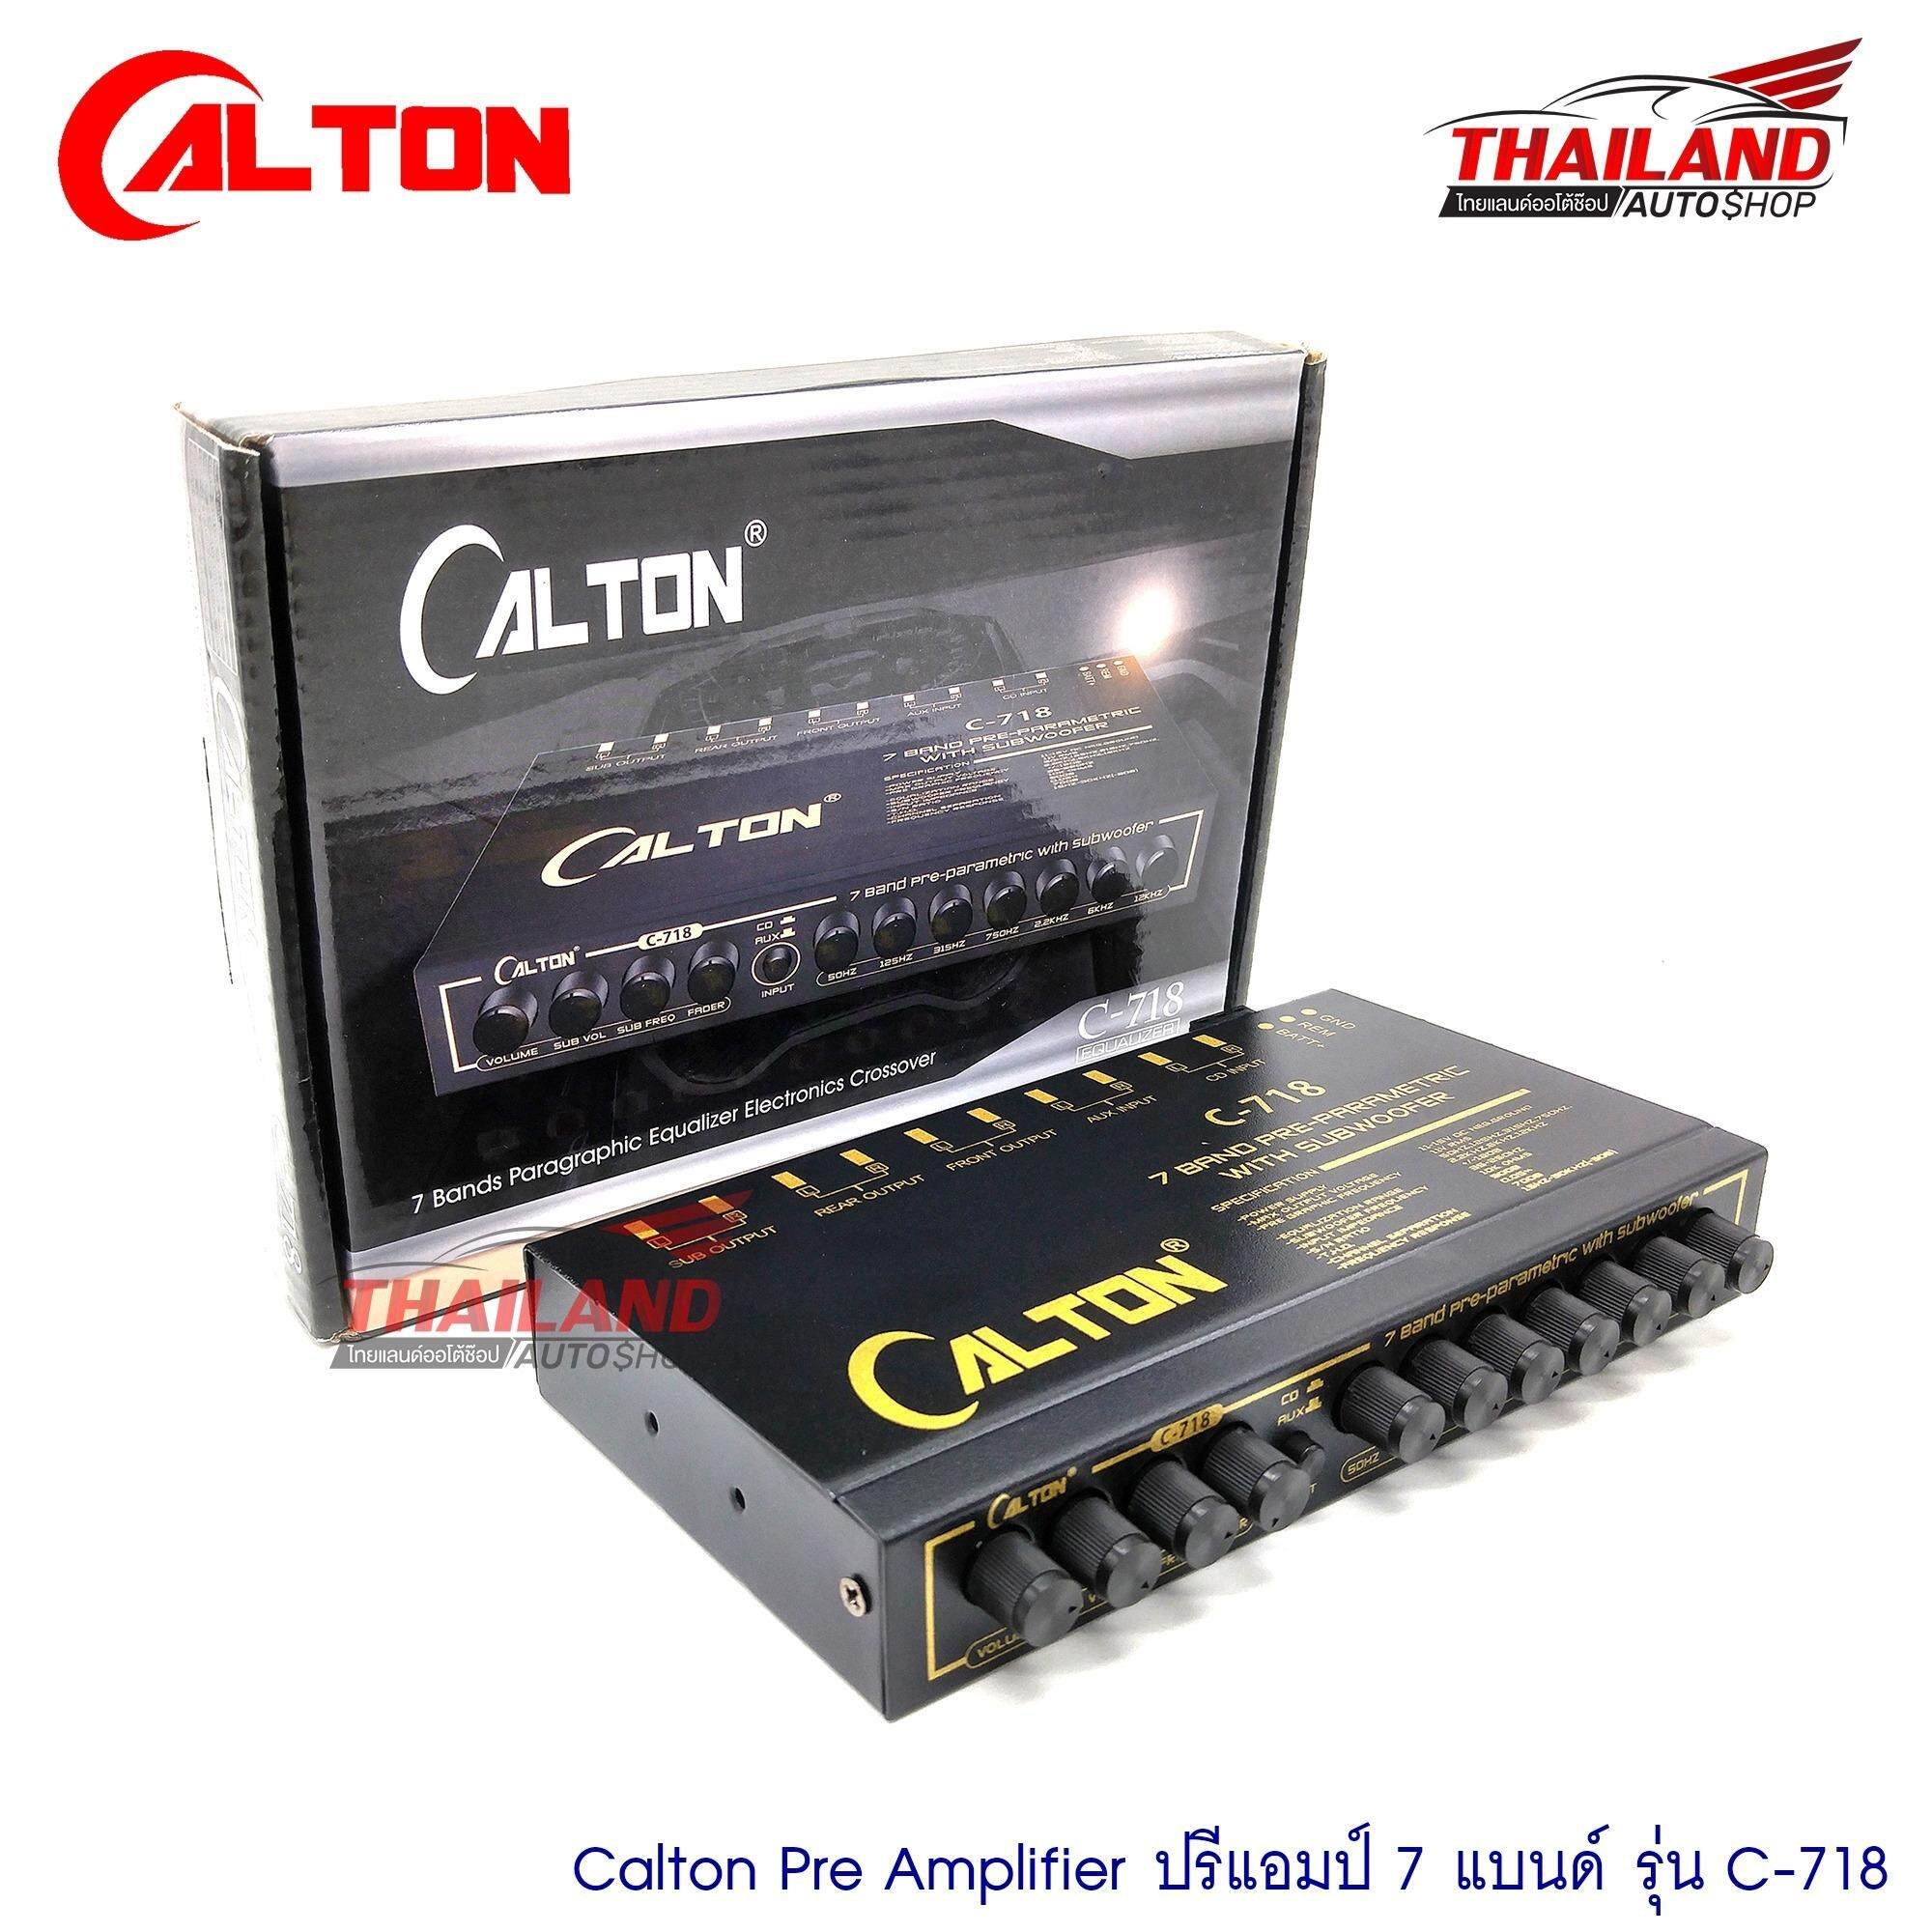 ซื้อ Thailand Calton Pre Amplifier ปรีแอมป์ 7 แบนด์ รุ่น C 718 ออนไลน์ กรุงเทพมหานคร